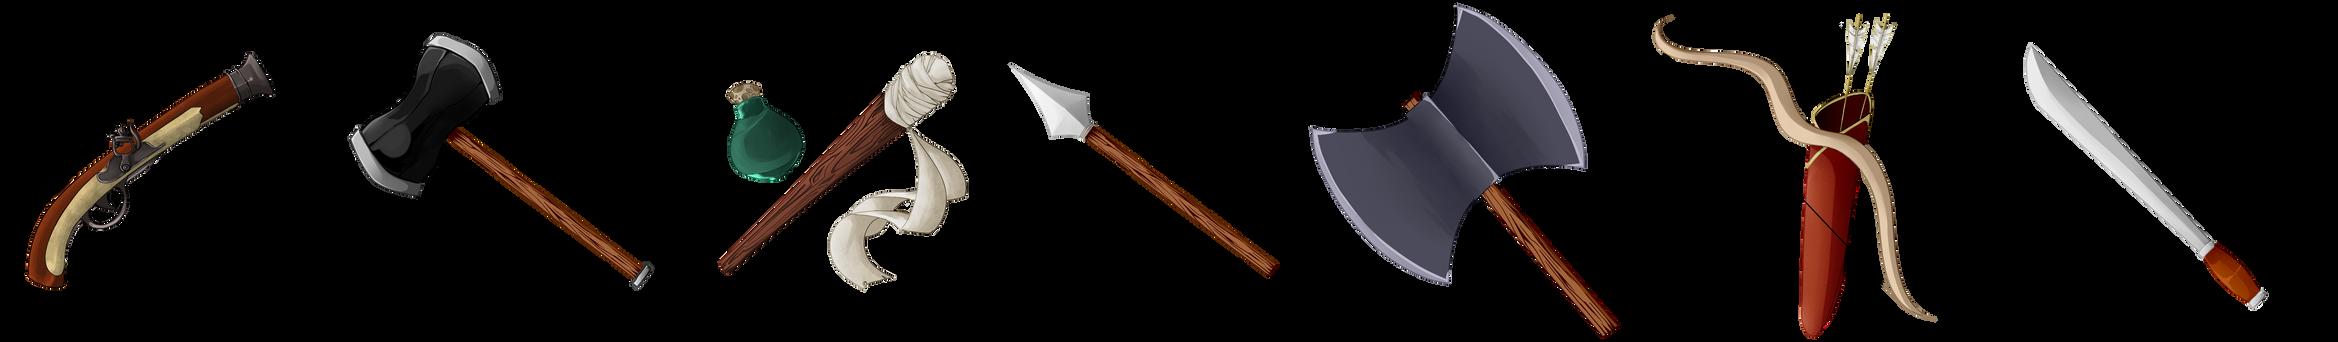 .:SaS:. First Weapons by MokoMia